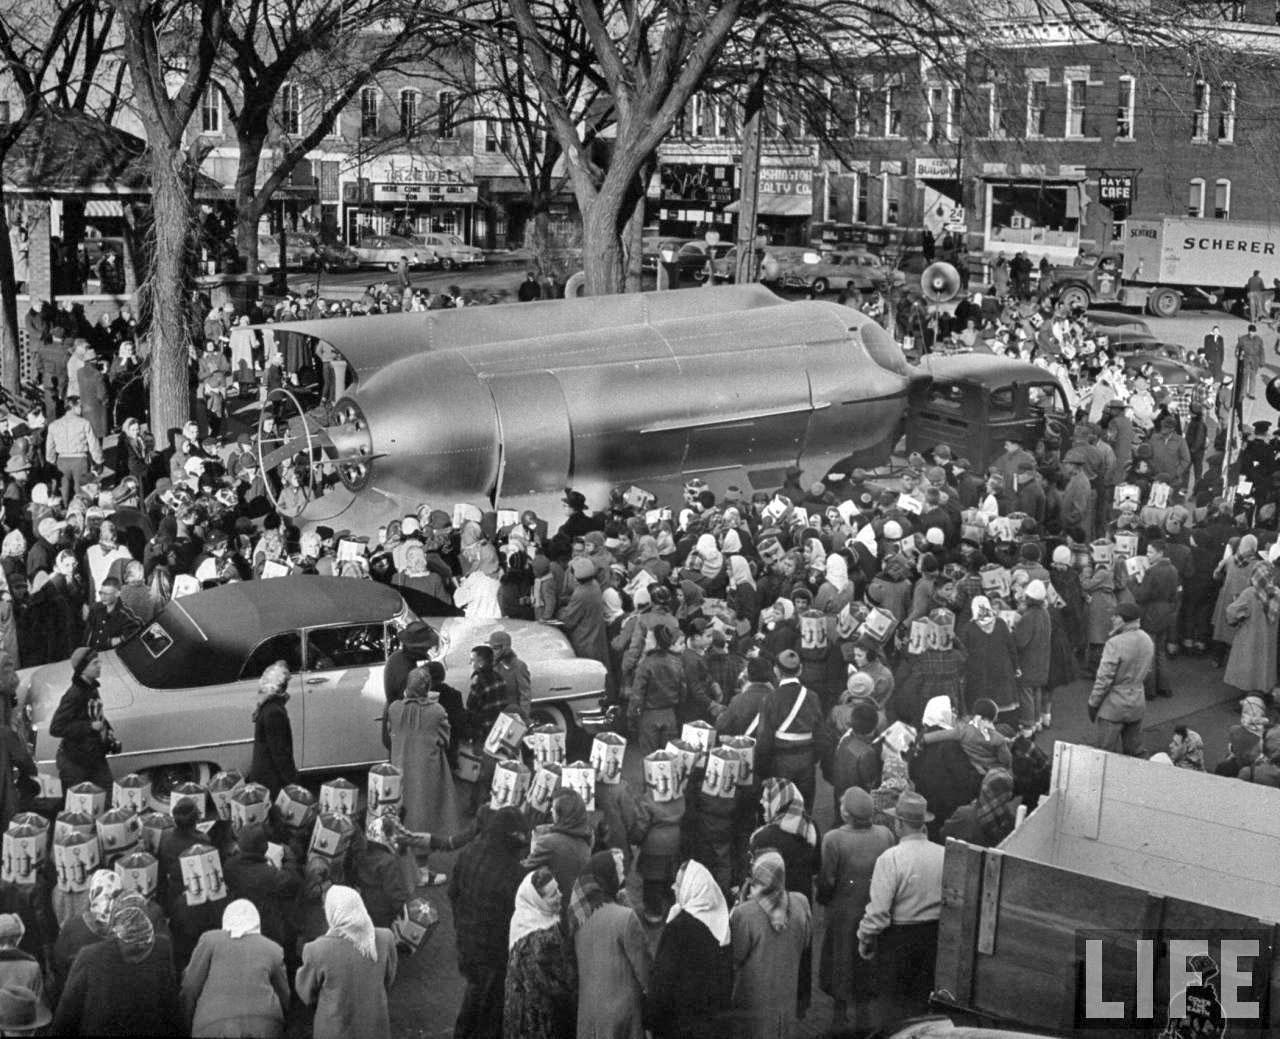 Rocket Ship Prize Washington Square crowd